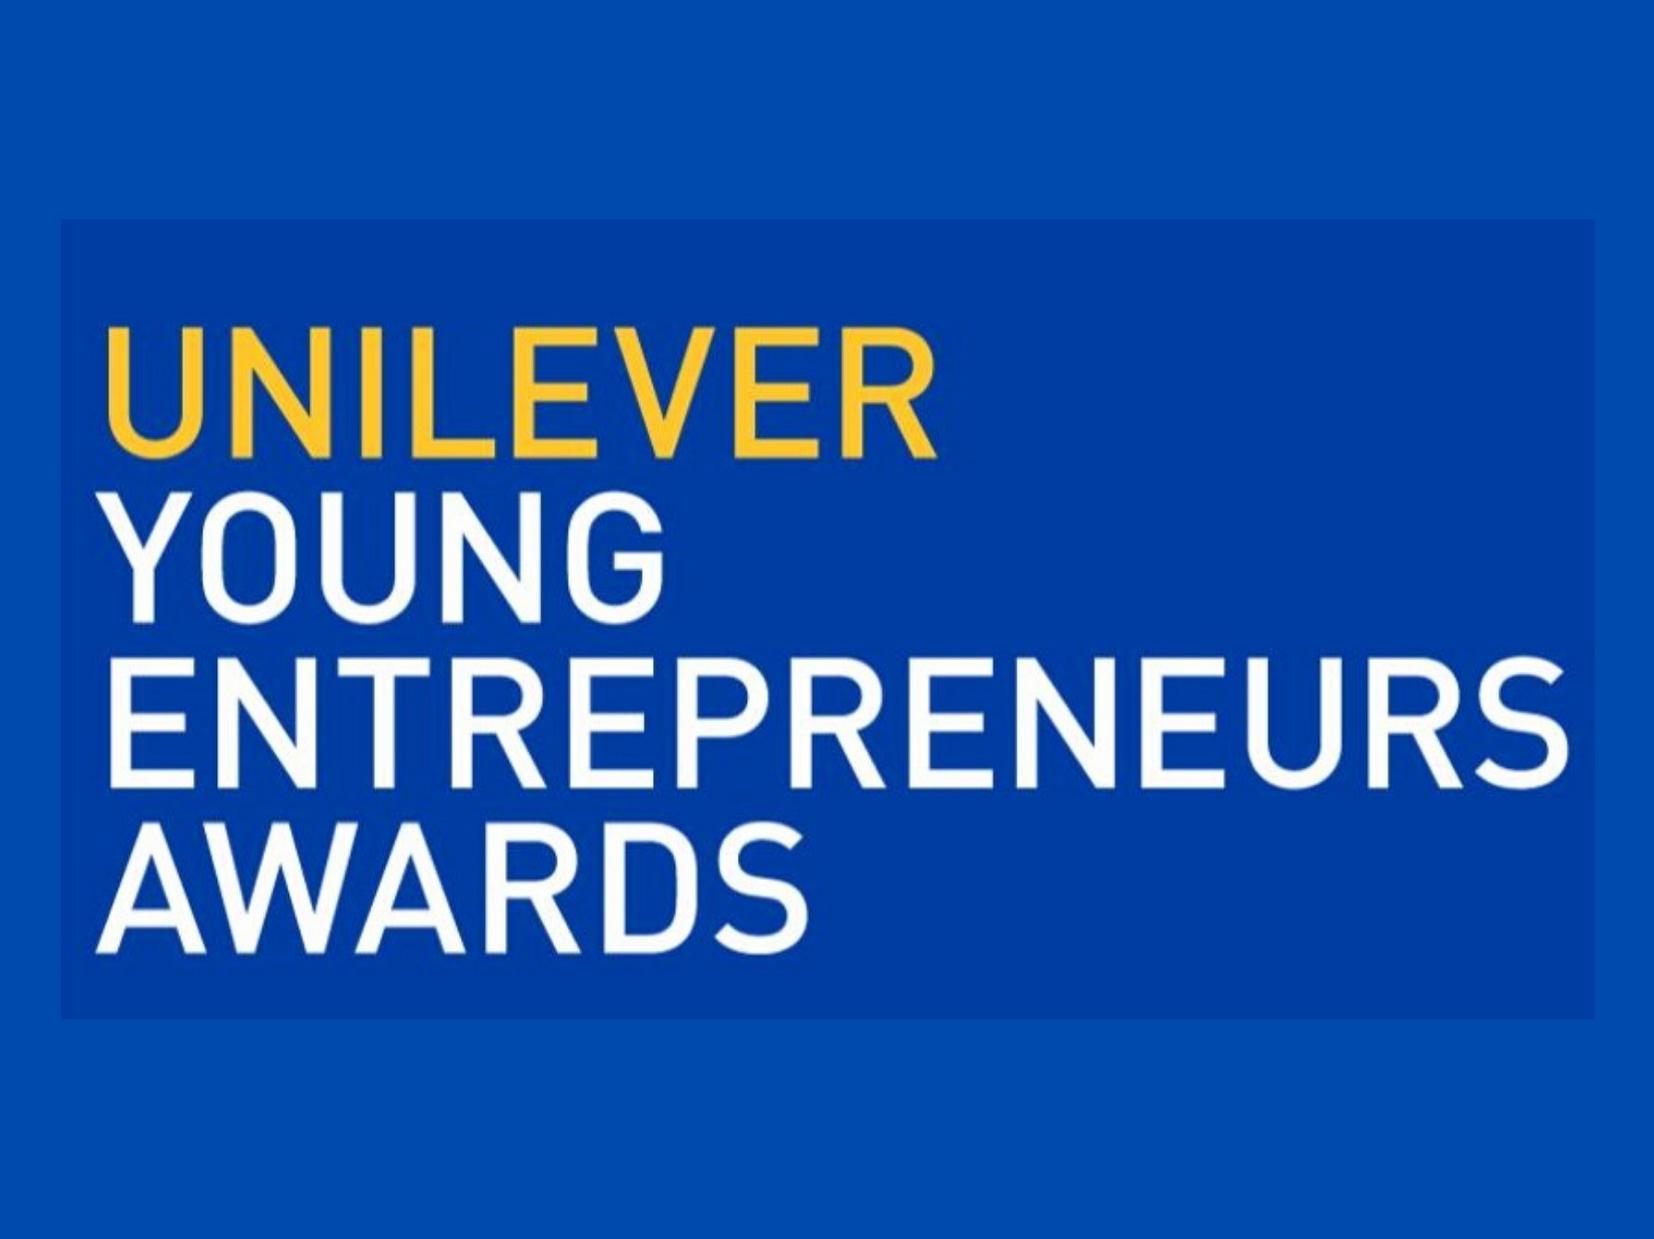 Young Entrepreneur Awards